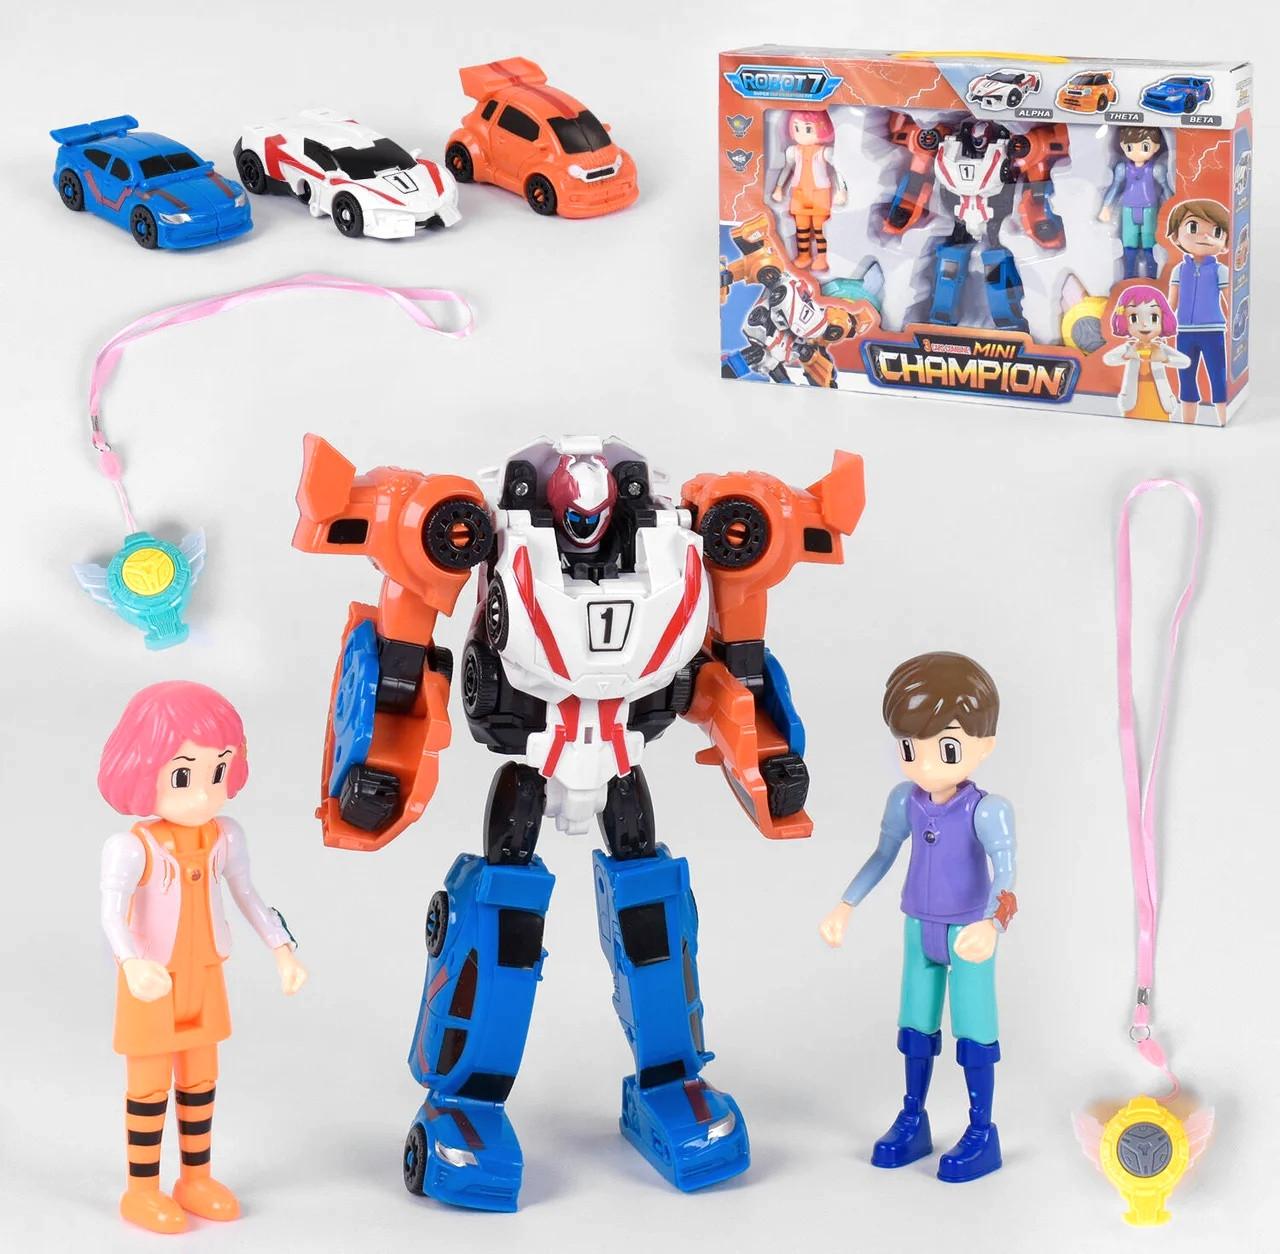 Детский игровой набор робот тобот Champion из серии \тоботы с роботом-трансформером, игровыми фигурками героев